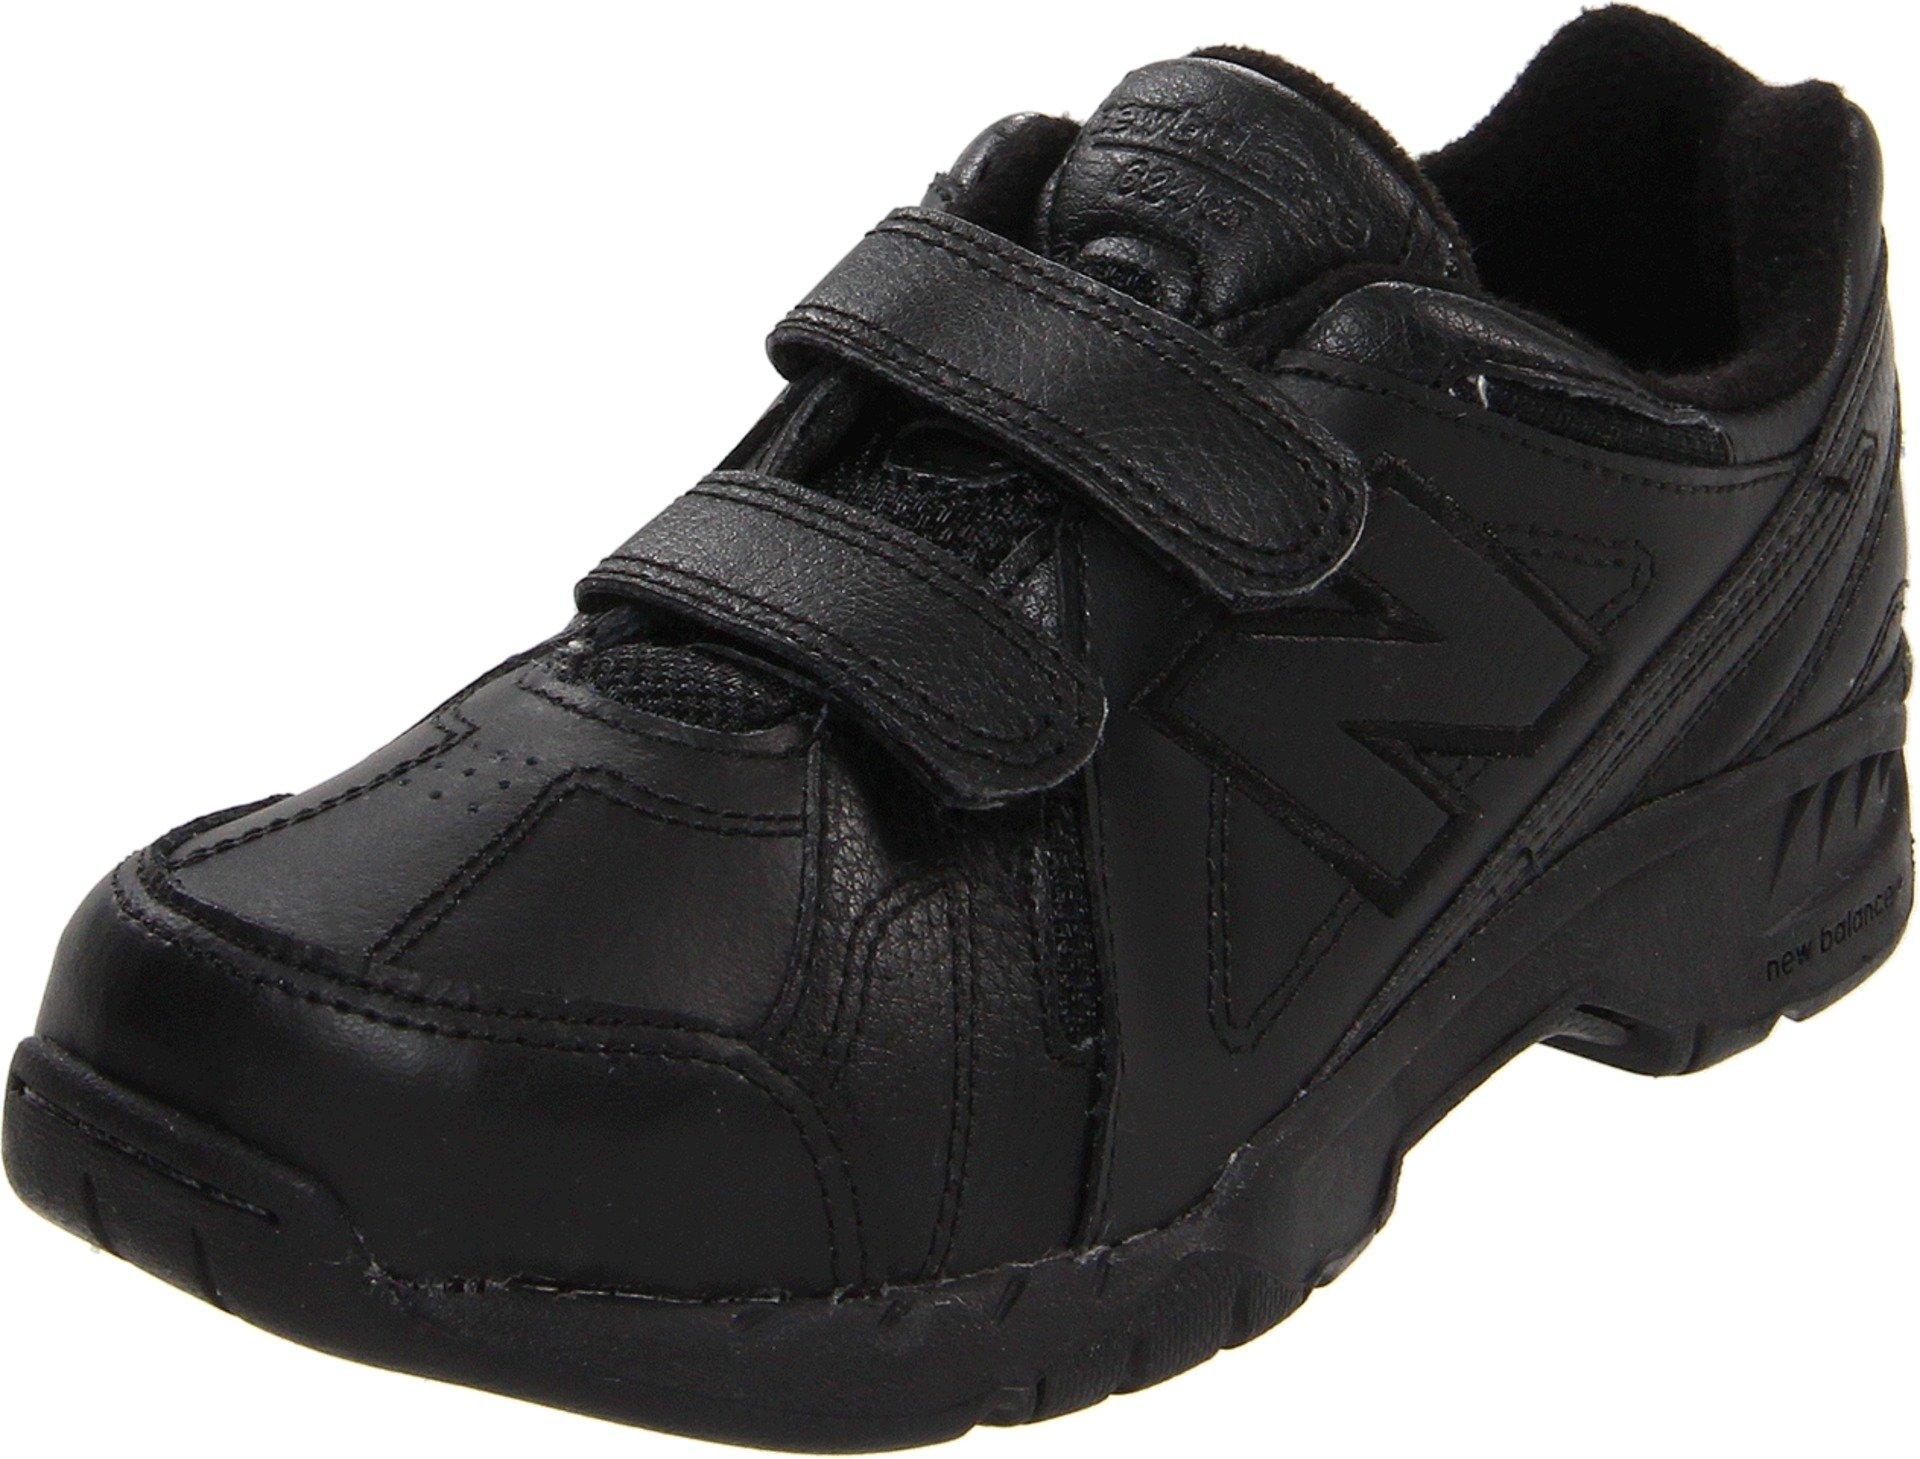 New Balance Kid's 624 V1 Running Shoe, Black, 13 M US Little Kid